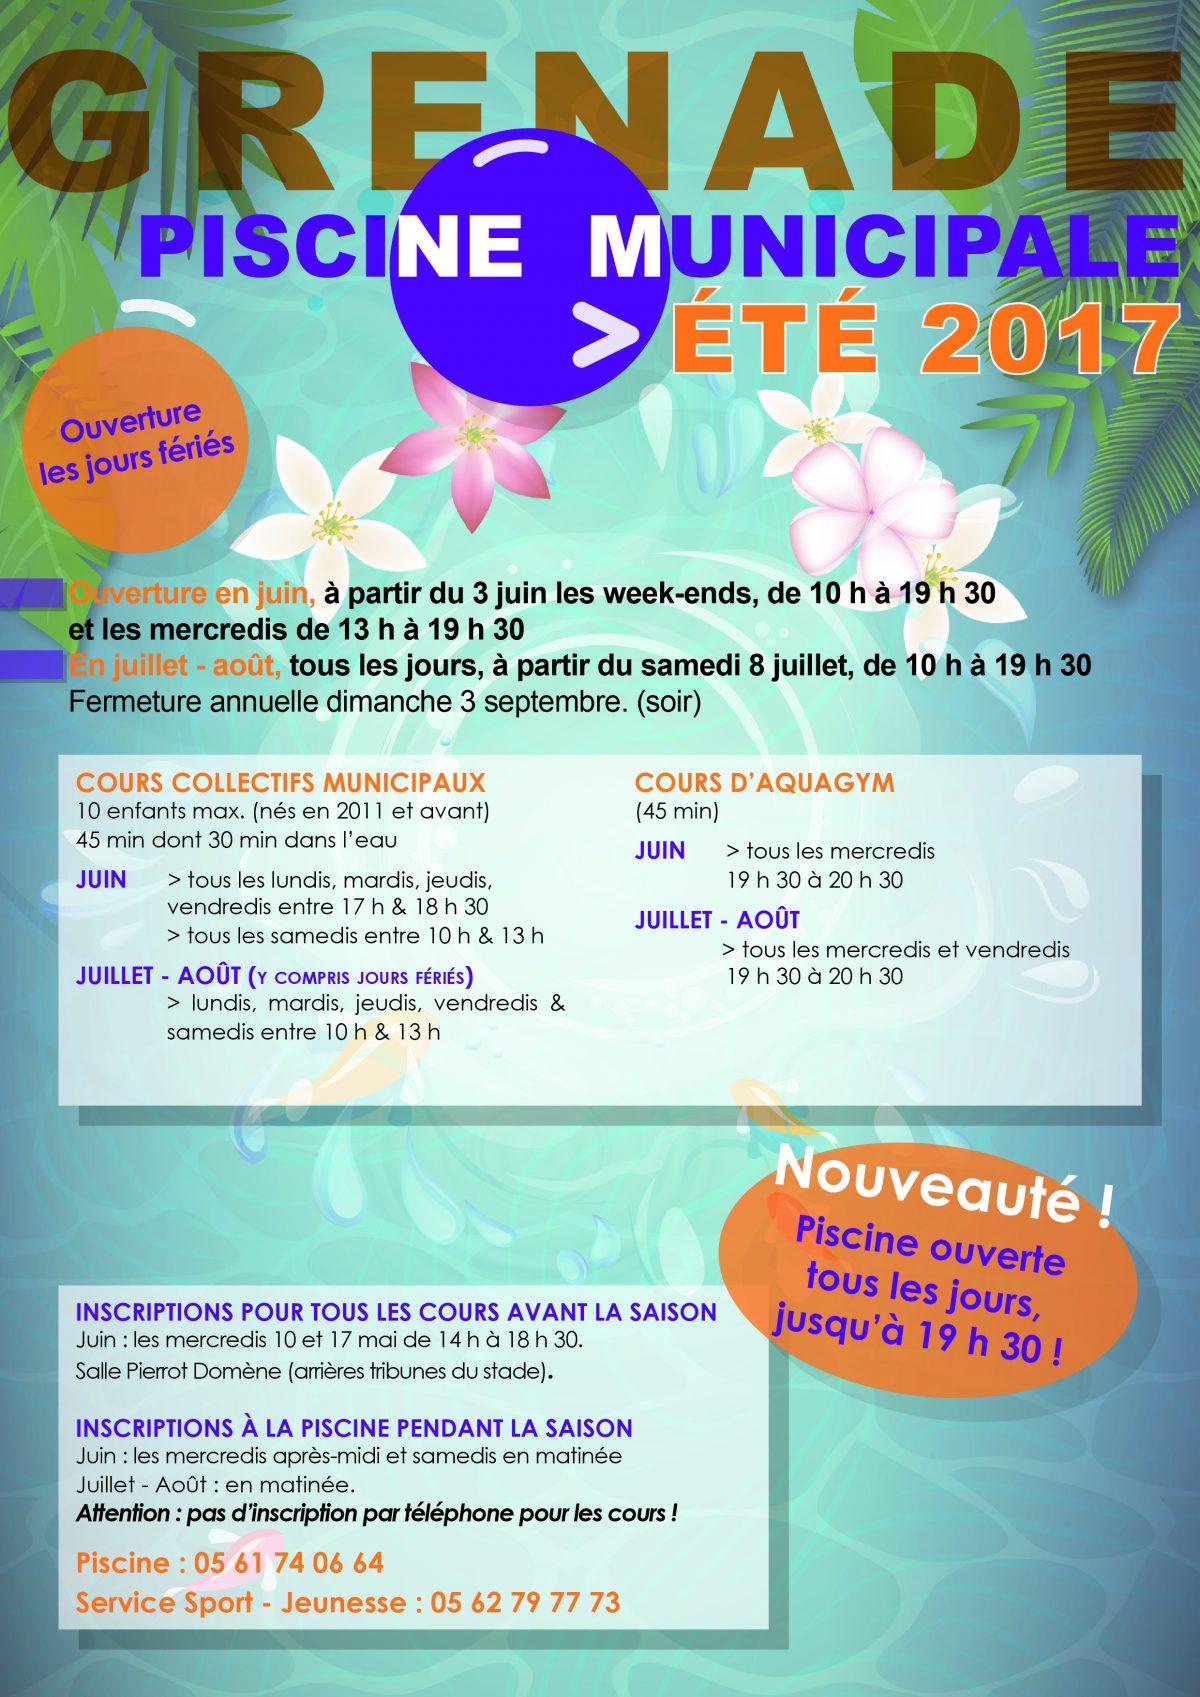 Piscine Municipale – Saison 2017